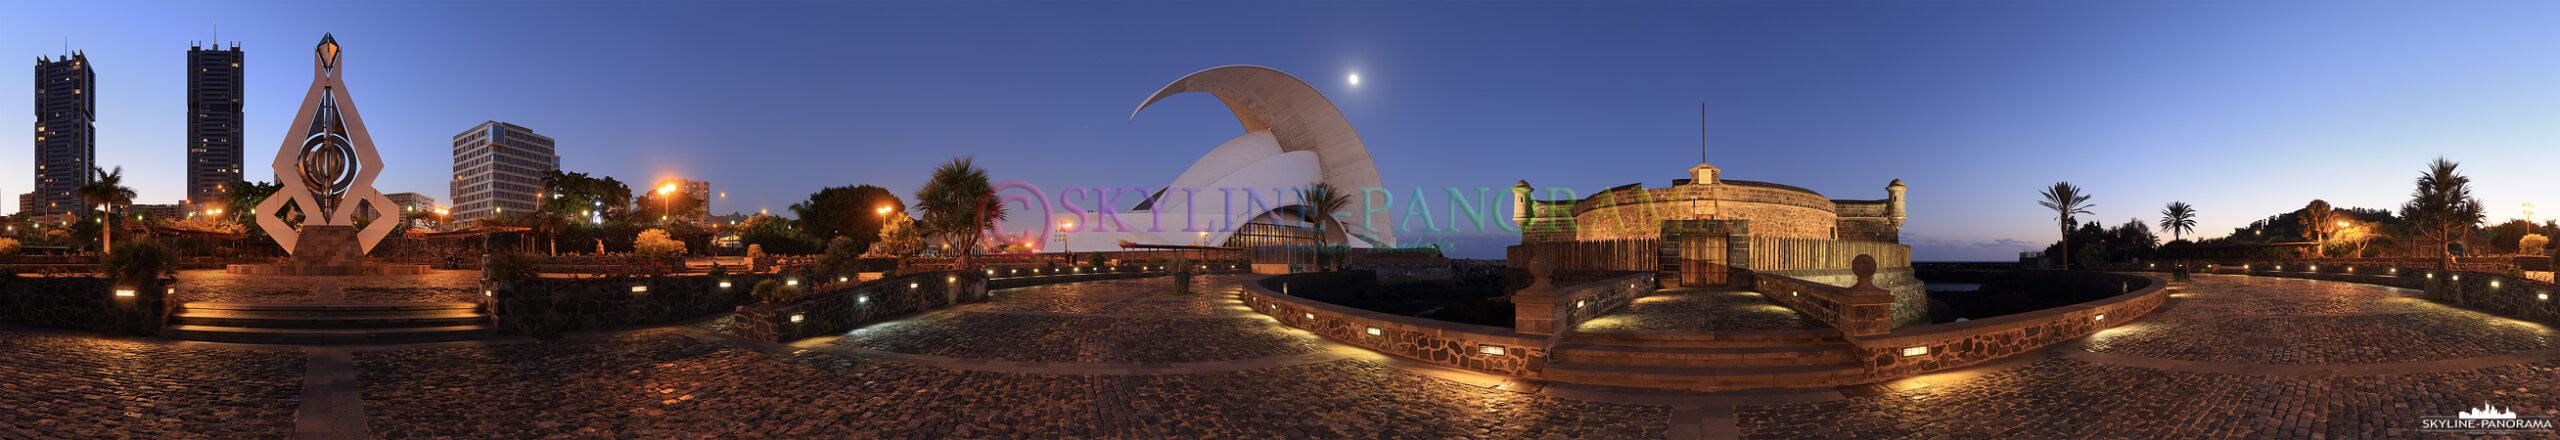 Panorama Santa Crurz - Das abendliche Panorama zeigt die Kongress- und Konzerthalle Auditorio de Tenerife und das historische Castello di San Juan Bautista.